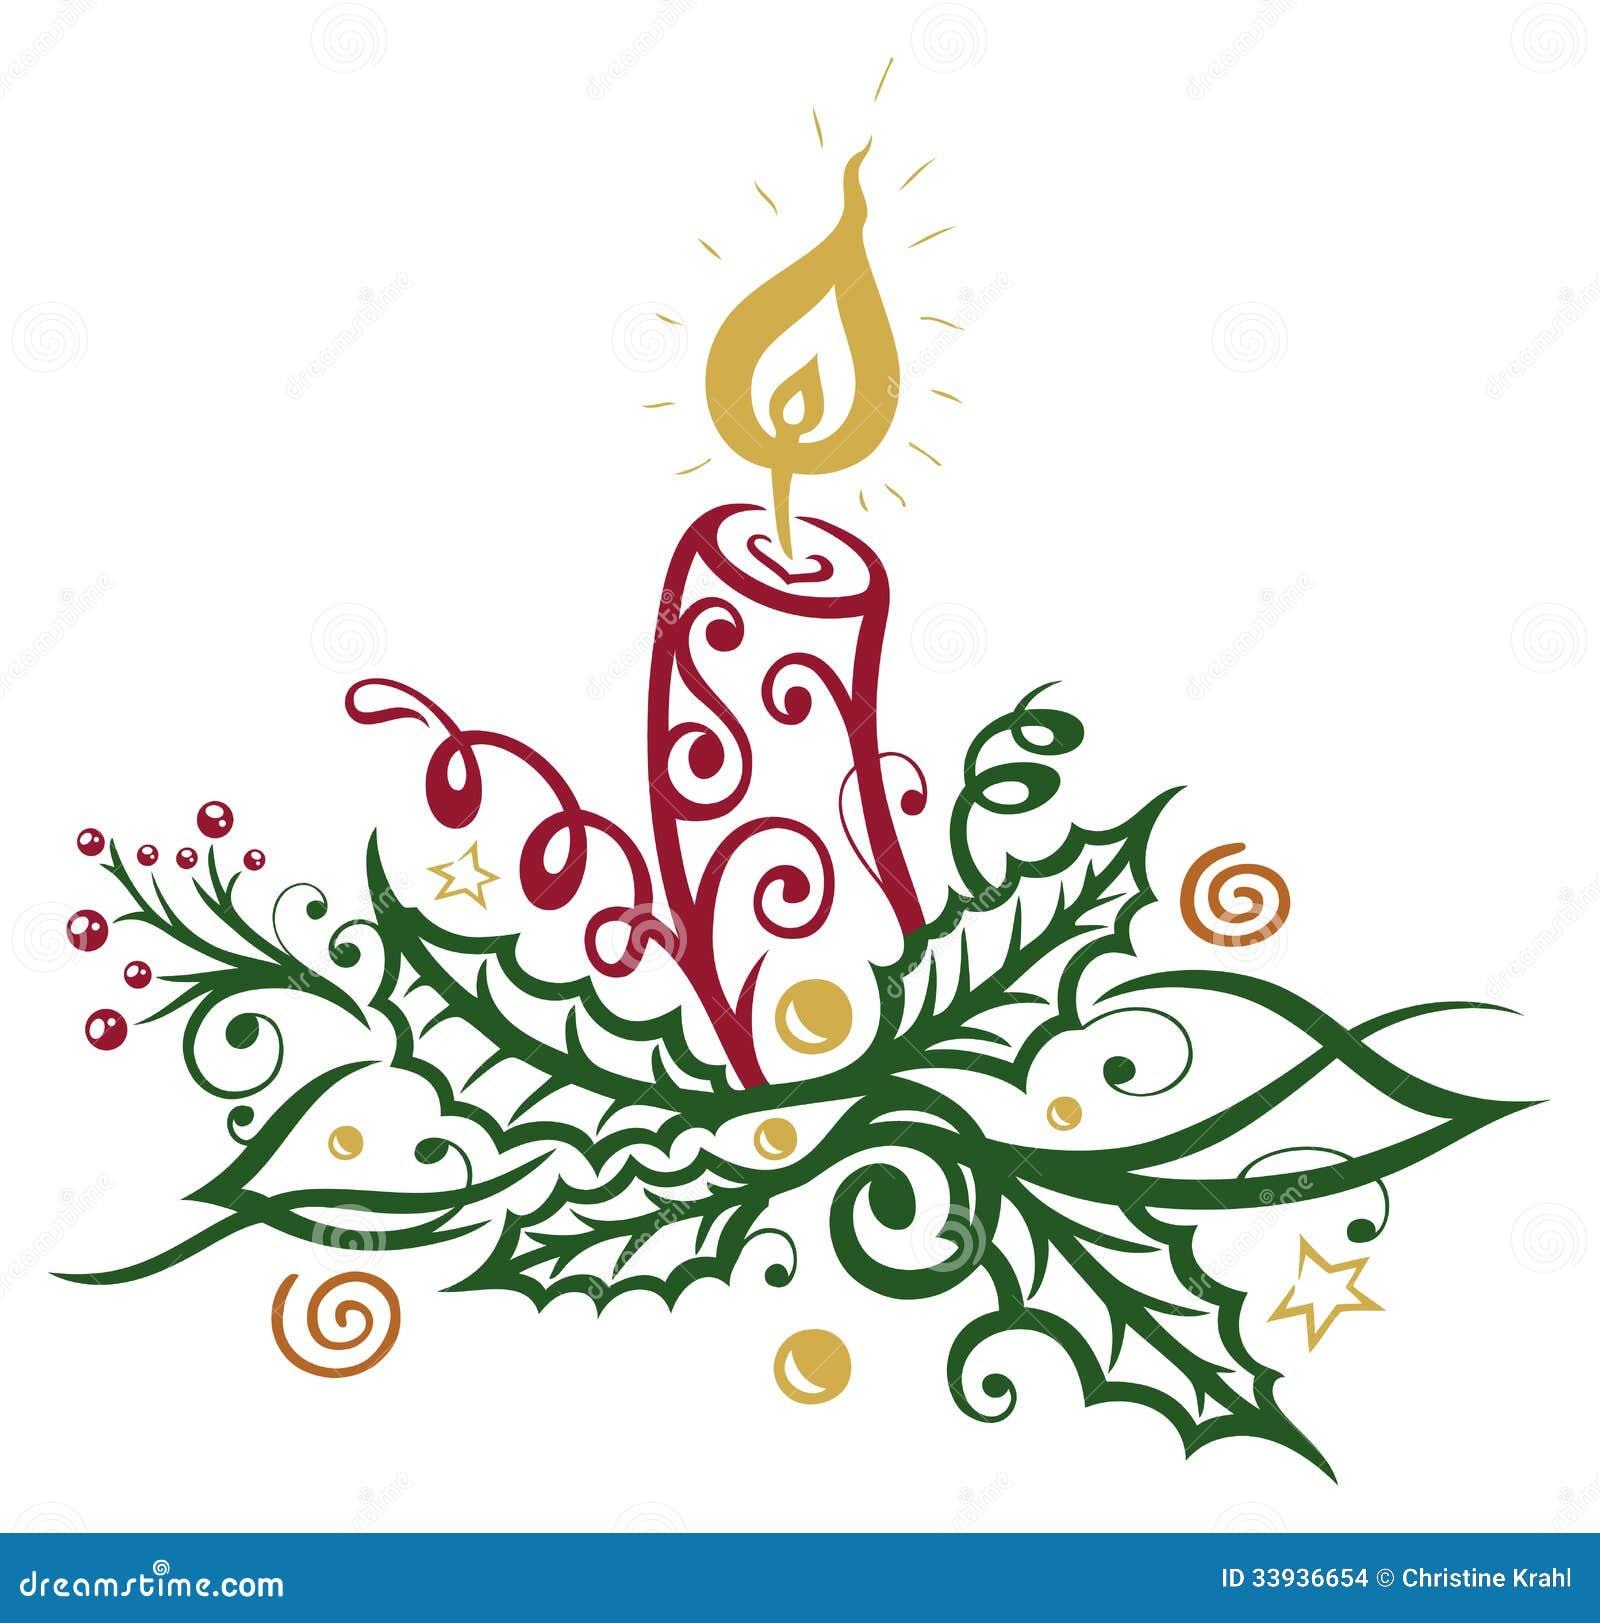 Natale agrifoglio candela illustrazione vettoriale illustrazione di luci saluti 33936654 - Grafik weihnachten kostenlos ...